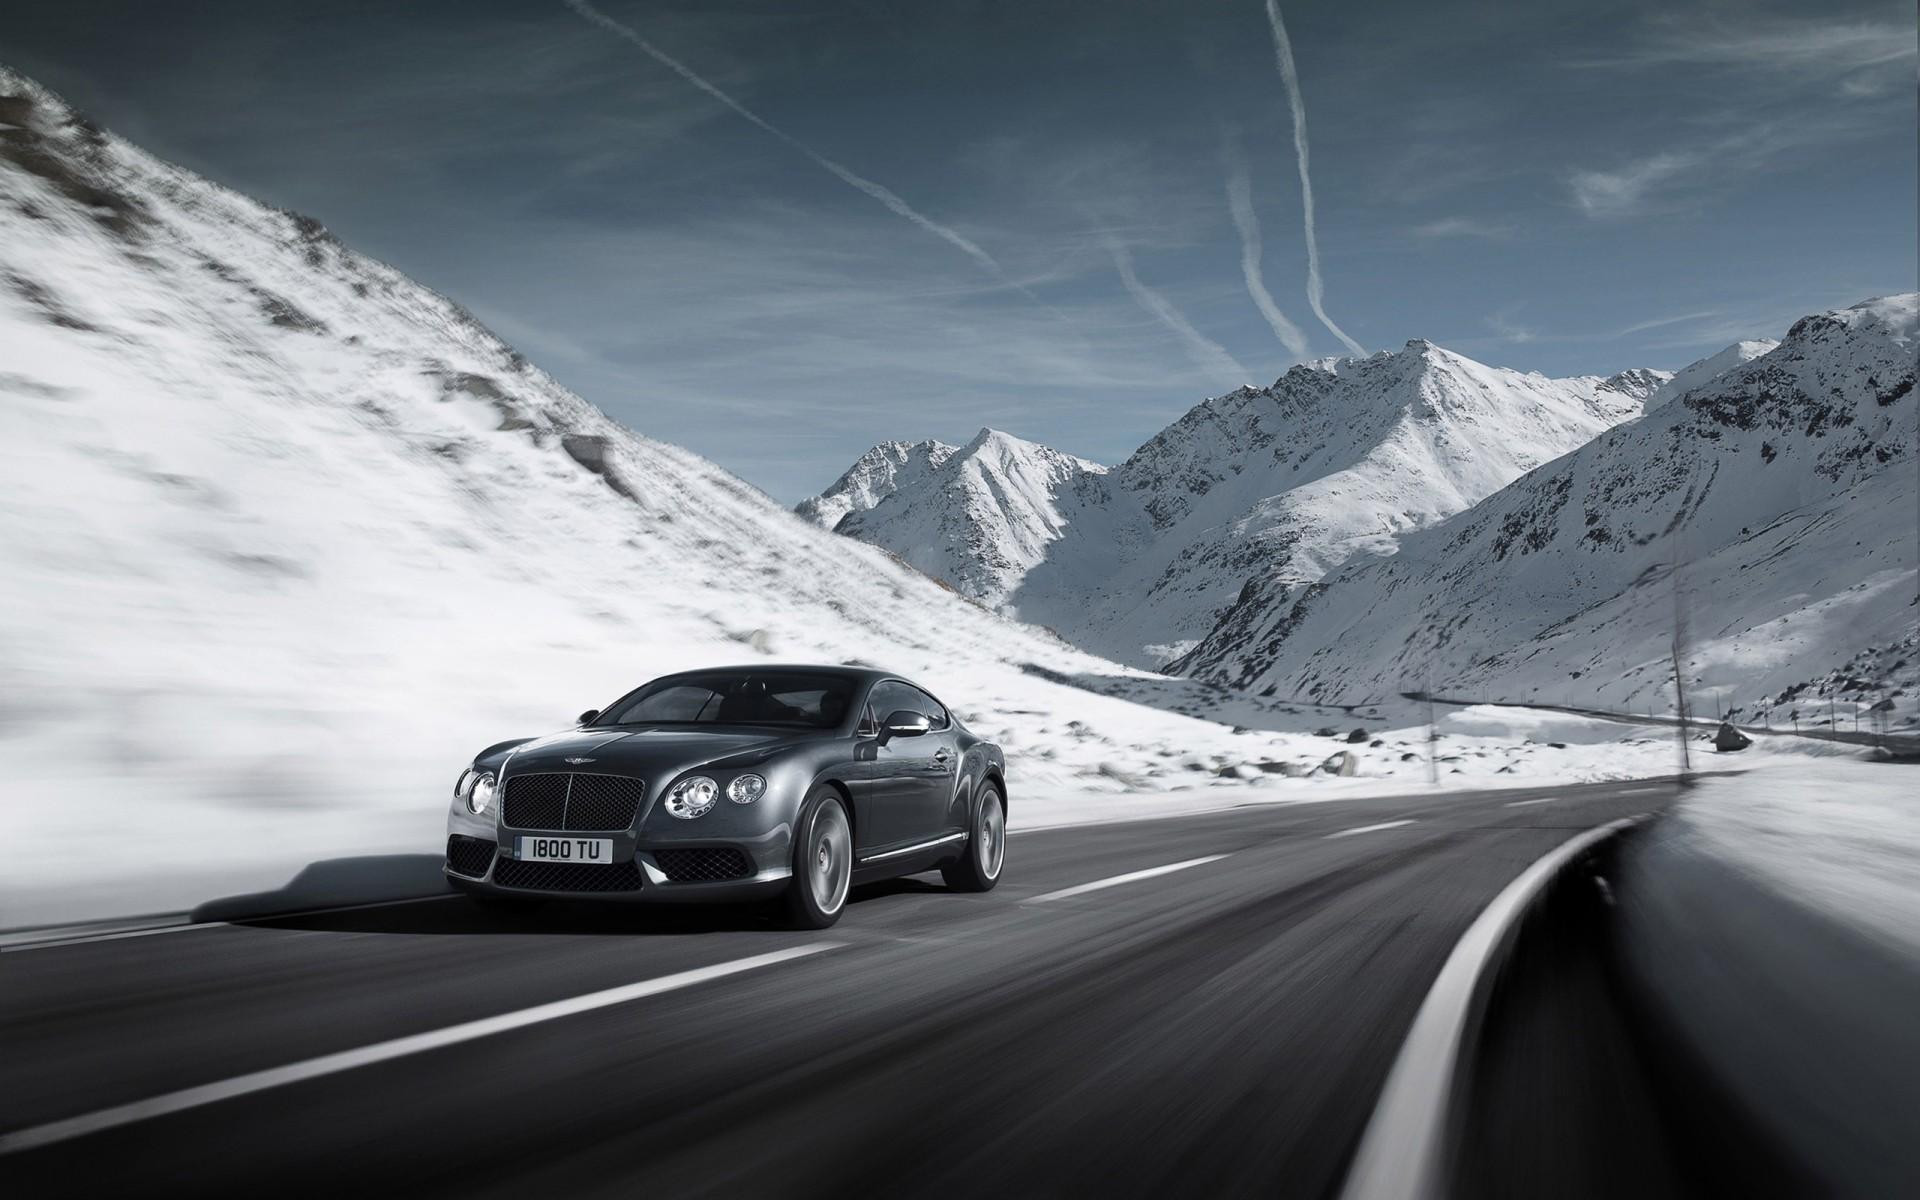 частенько красивые фото в горах крутых авто алматы повредил киоск